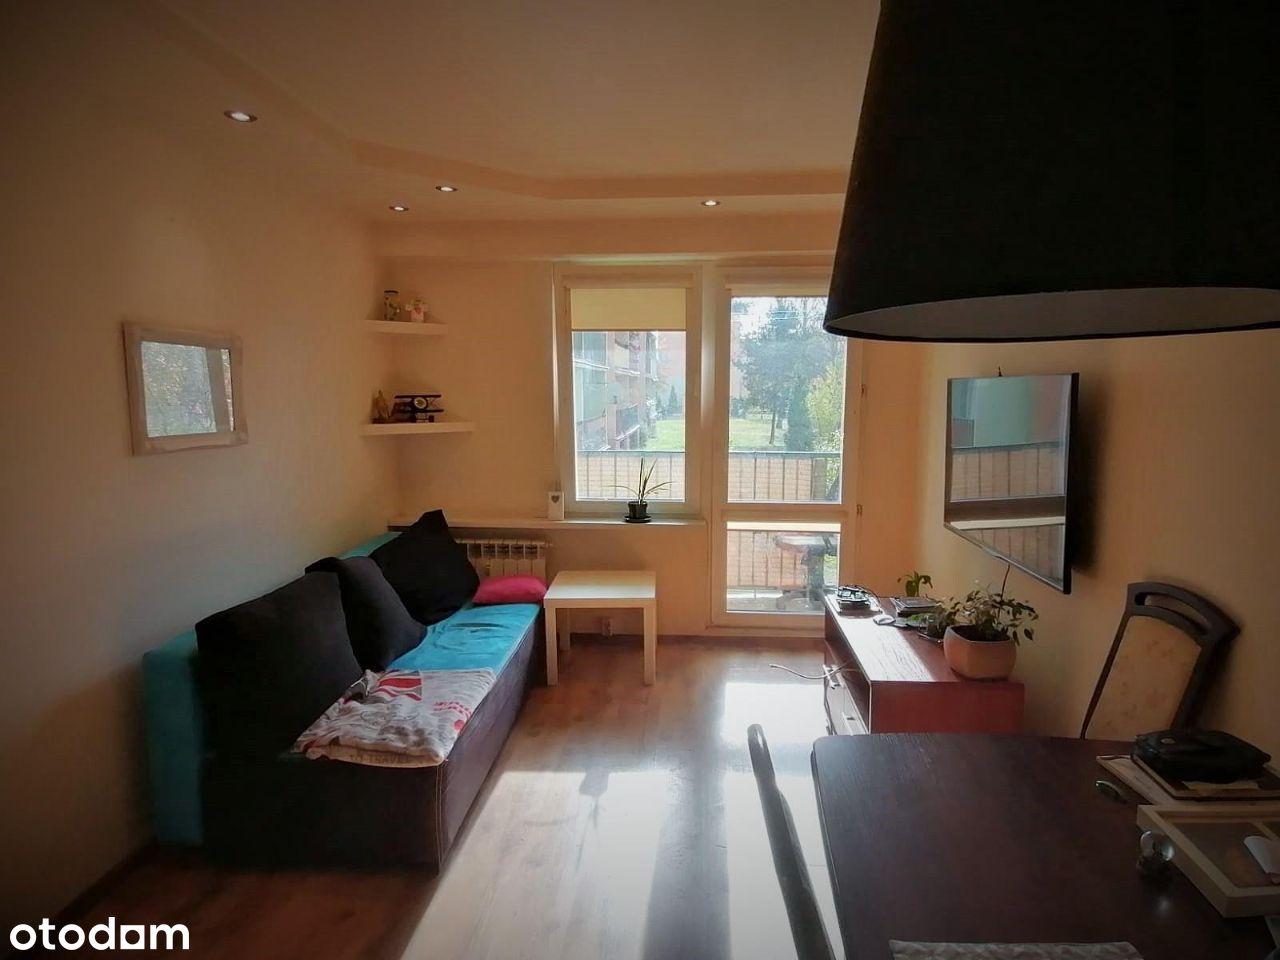 Mieszkanie na parterze, 2-3 pokoje, os. Okrzei